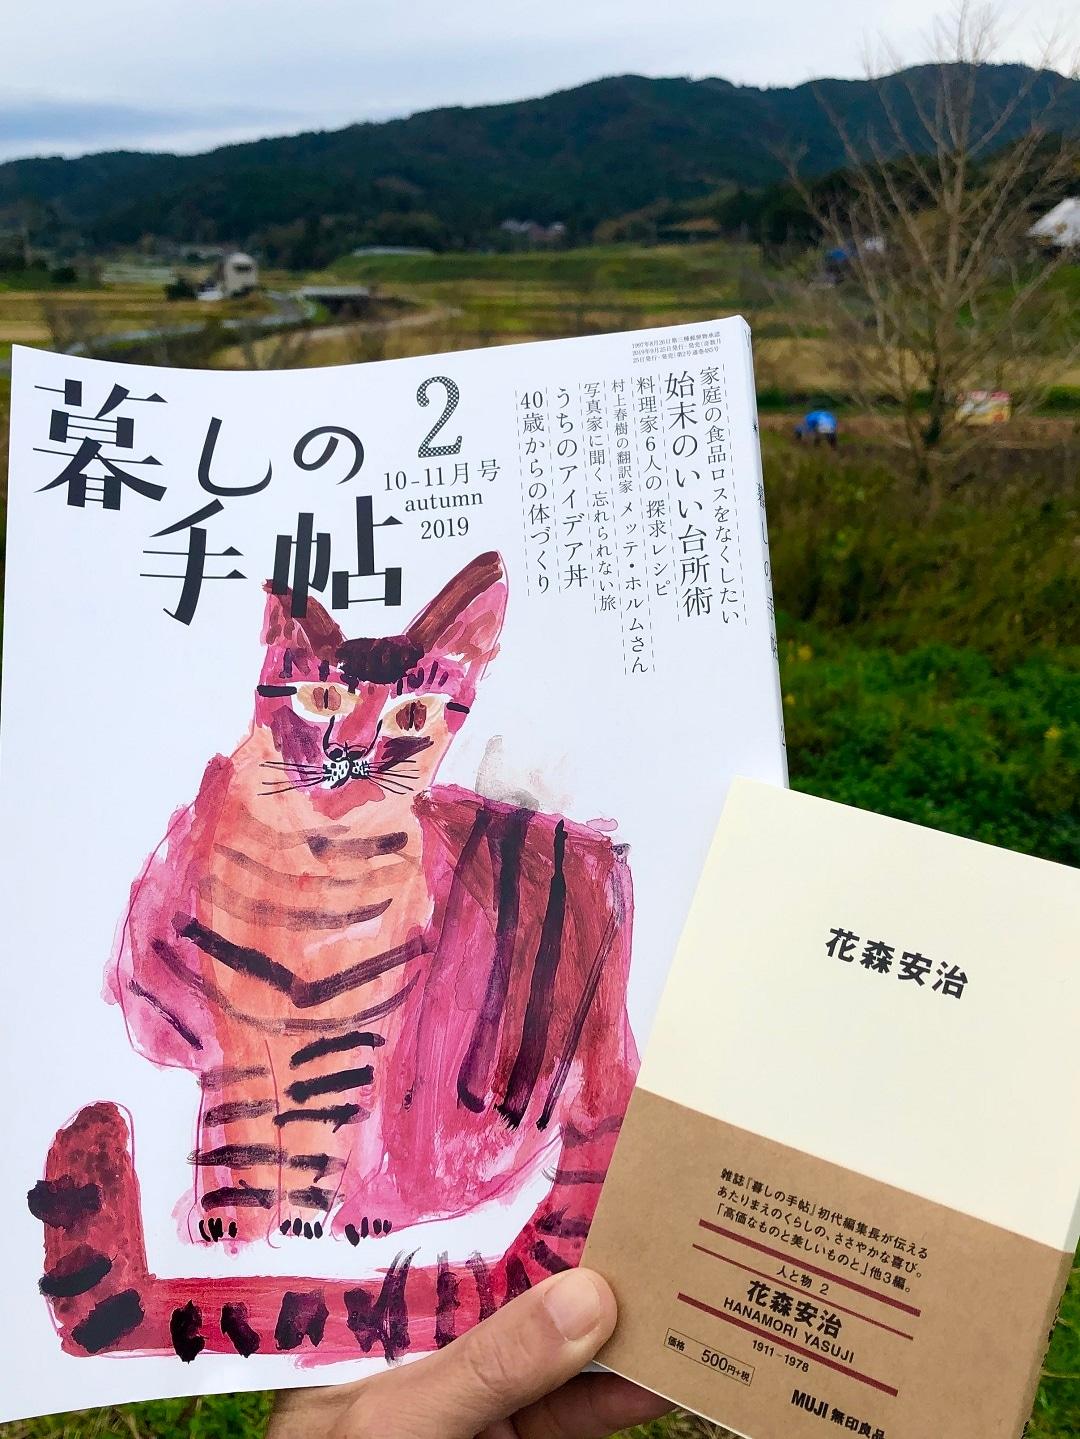 キービジュアル画像:【みんなみの里】花森安治と「暮しの手帖」| MUJI BOOKS「里山良本」